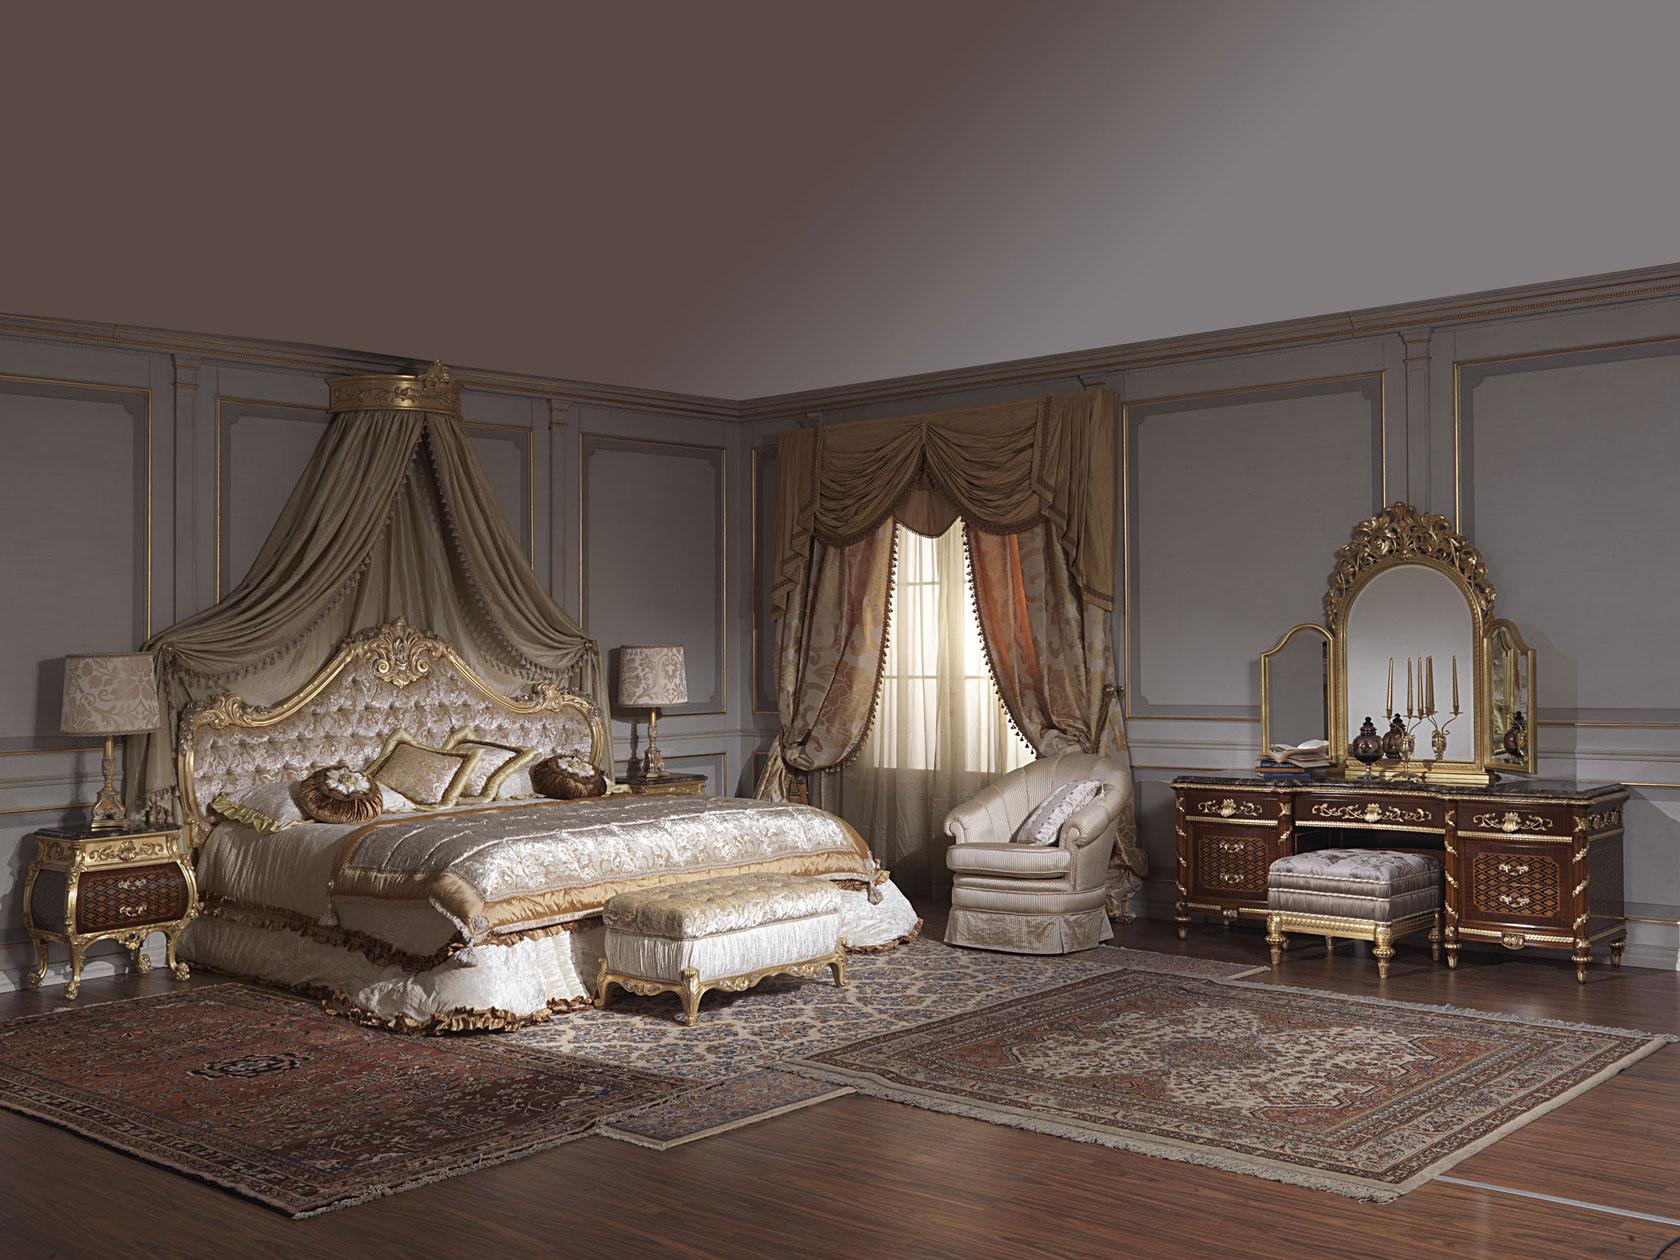 Chambre coucher classique xviiie si cle italien et louis xv for Chambre a coucher capitonne